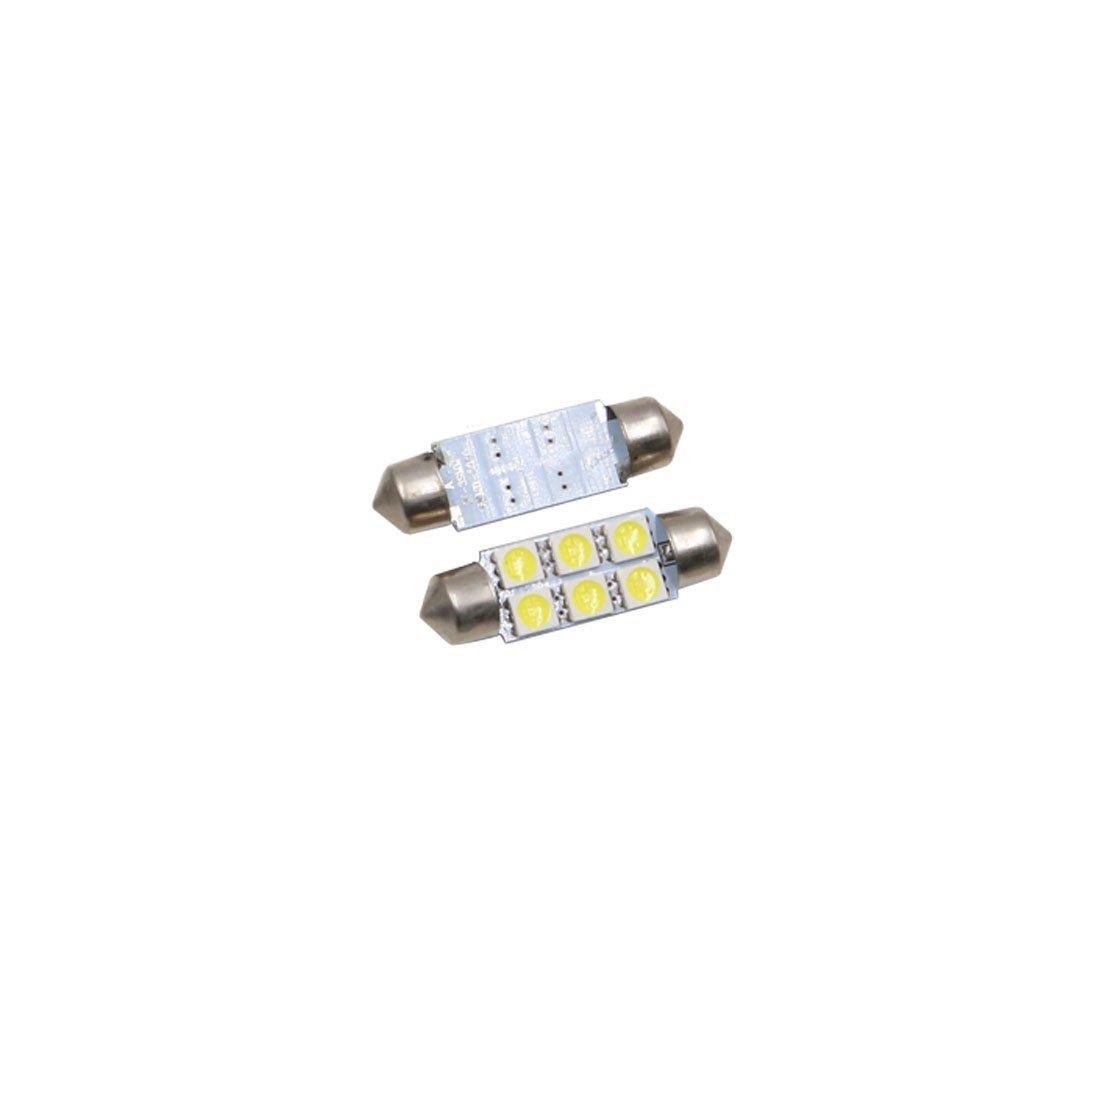 Amazon.com: eDealMax 6 piezas DE 41 mm Blanco 6 LED SMD 5050 Adorno de la bóveda Luz Para leer mapa de Interior del coche: Automotive